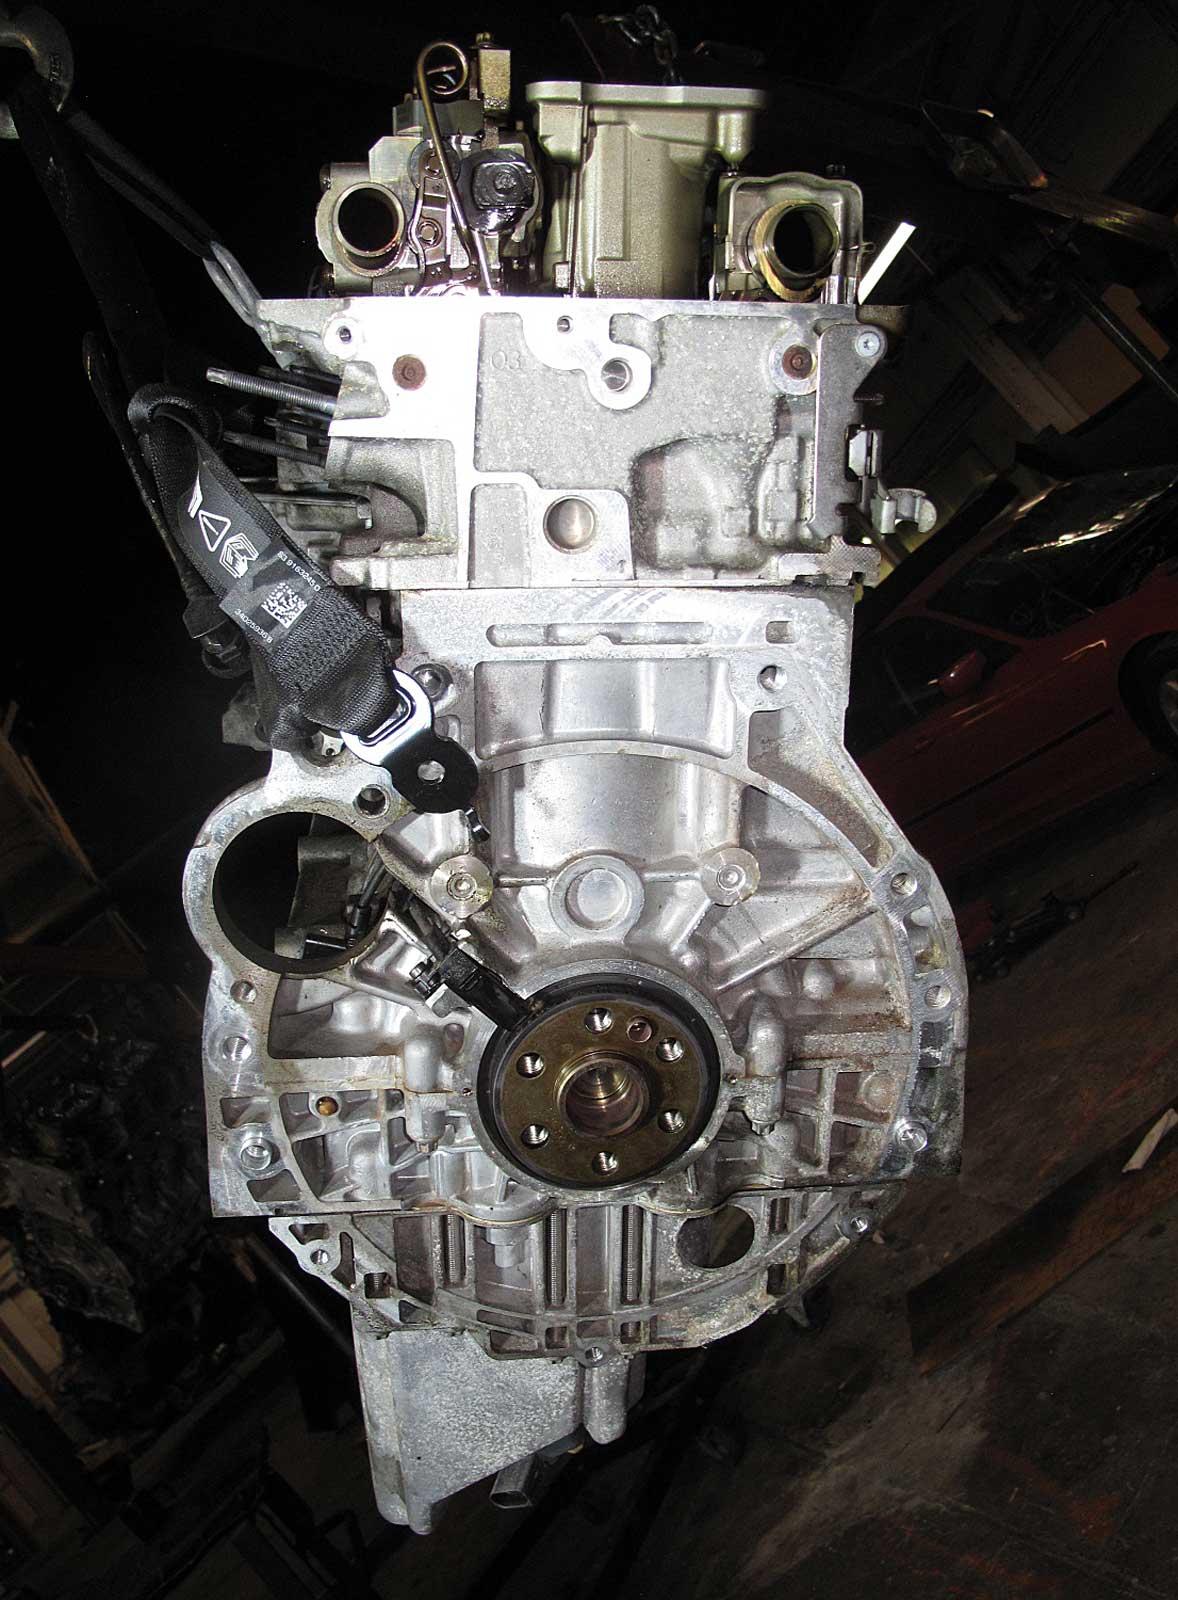 2011 bmw n55 6 cyl 3 0l turbo engine assembly 92k runs. Black Bedroom Furniture Sets. Home Design Ideas